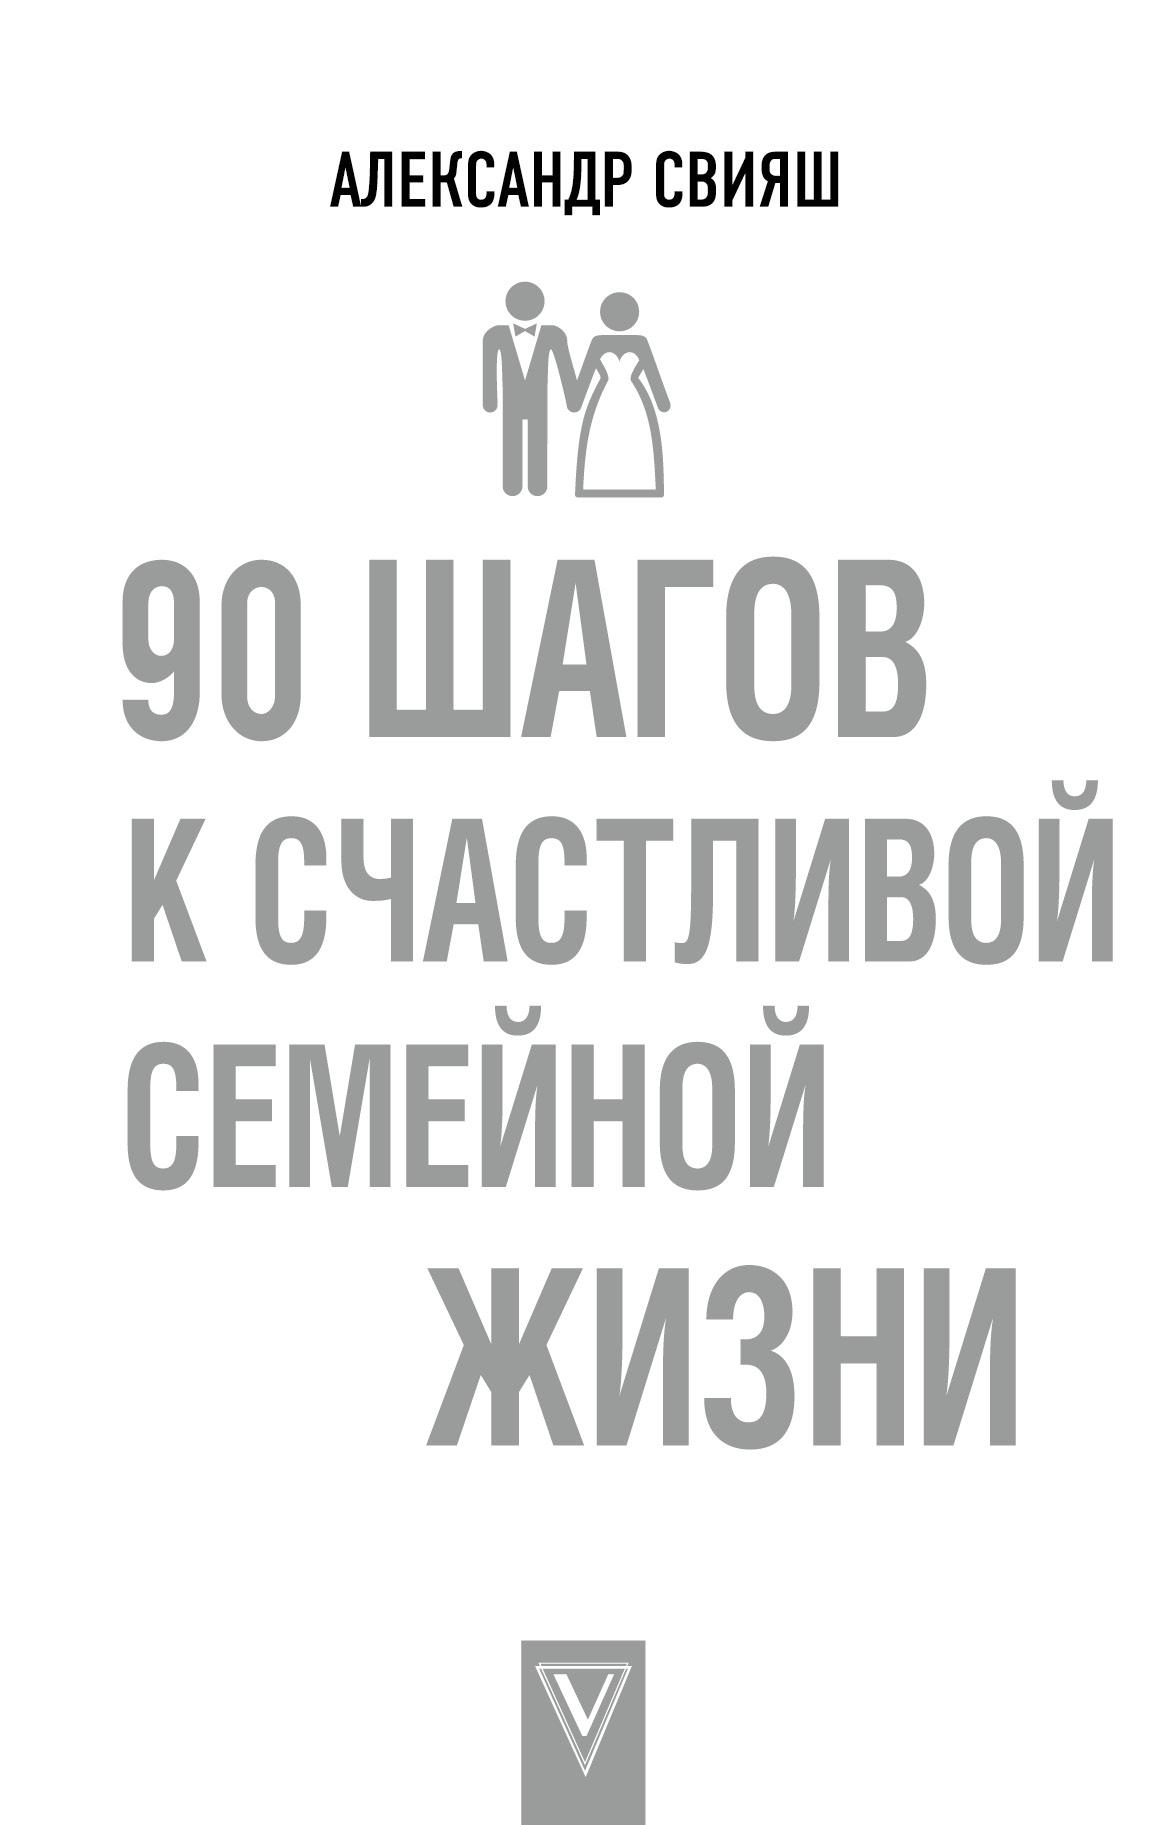 Александр Свияш 90 шагов к счастливой семейной жизни станиславский к работа актера над собой работа над собой в творческом процессе воплощения дневник ученика